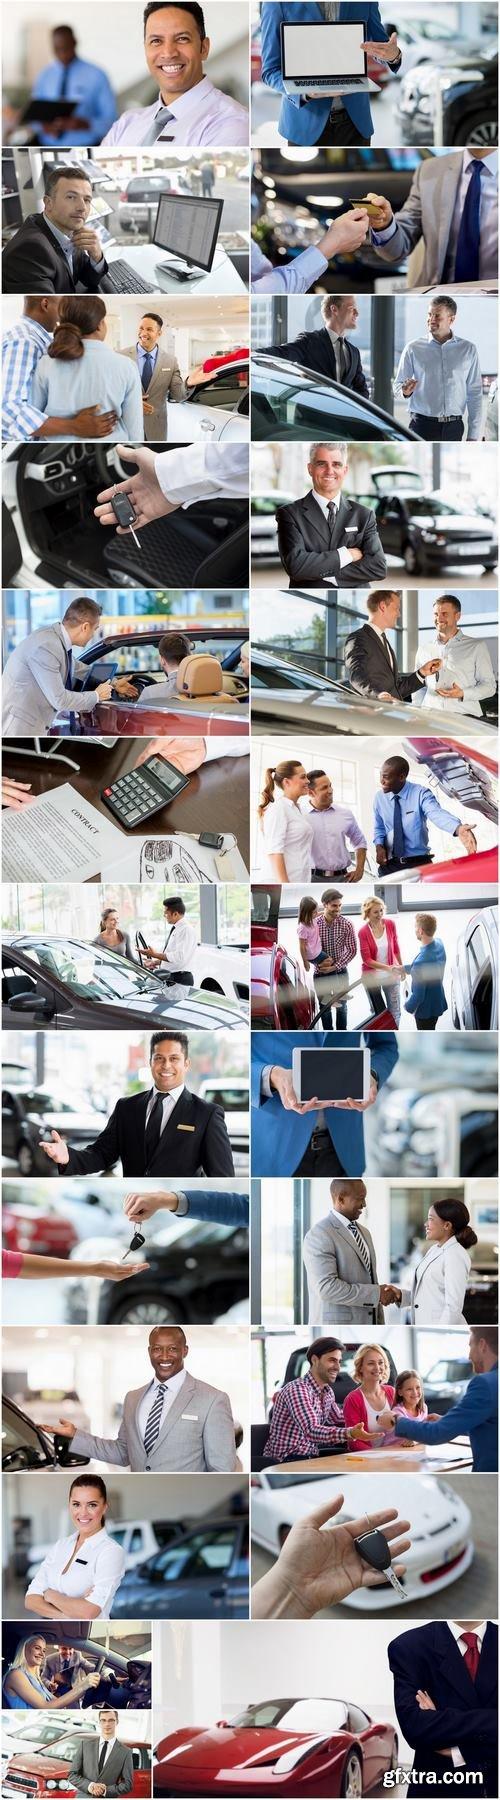 Car dealer salesman manager 25 HQ Jpeg